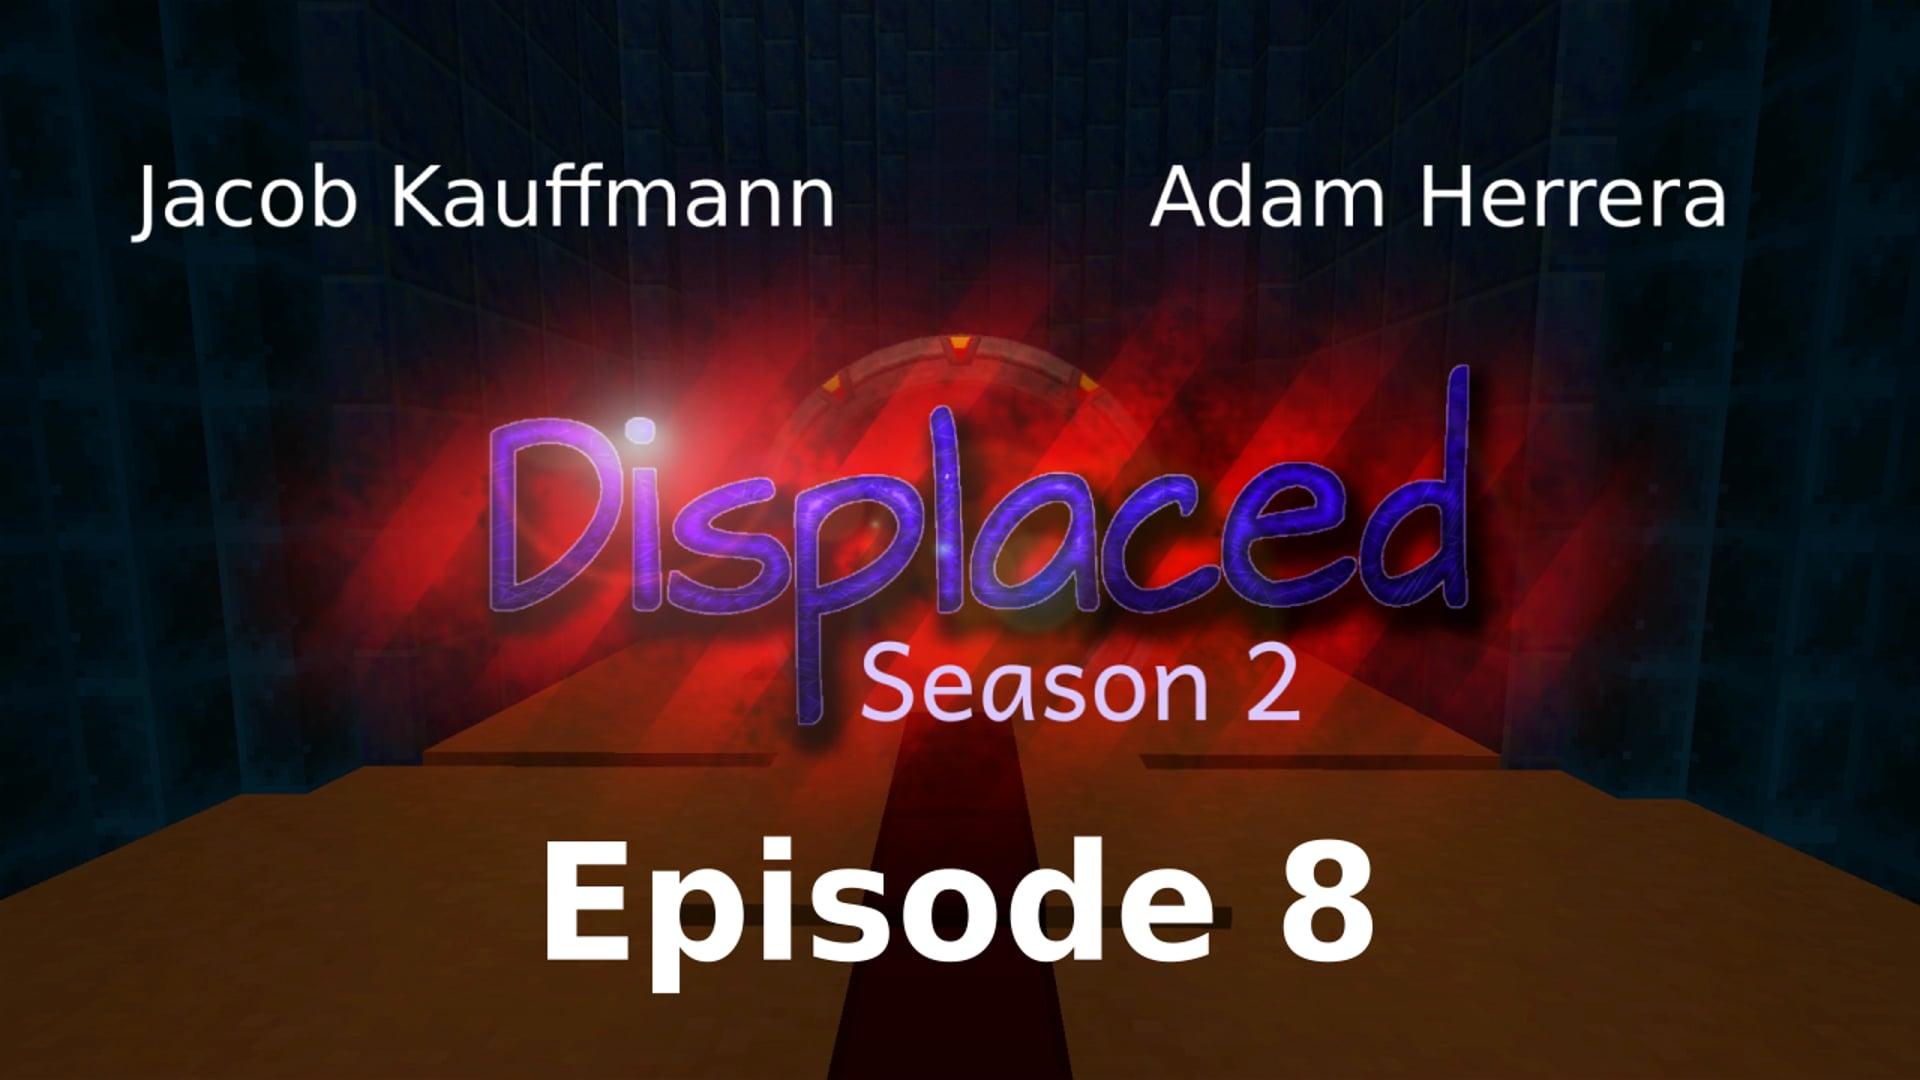 Episode 8 - Displaced: Season 2